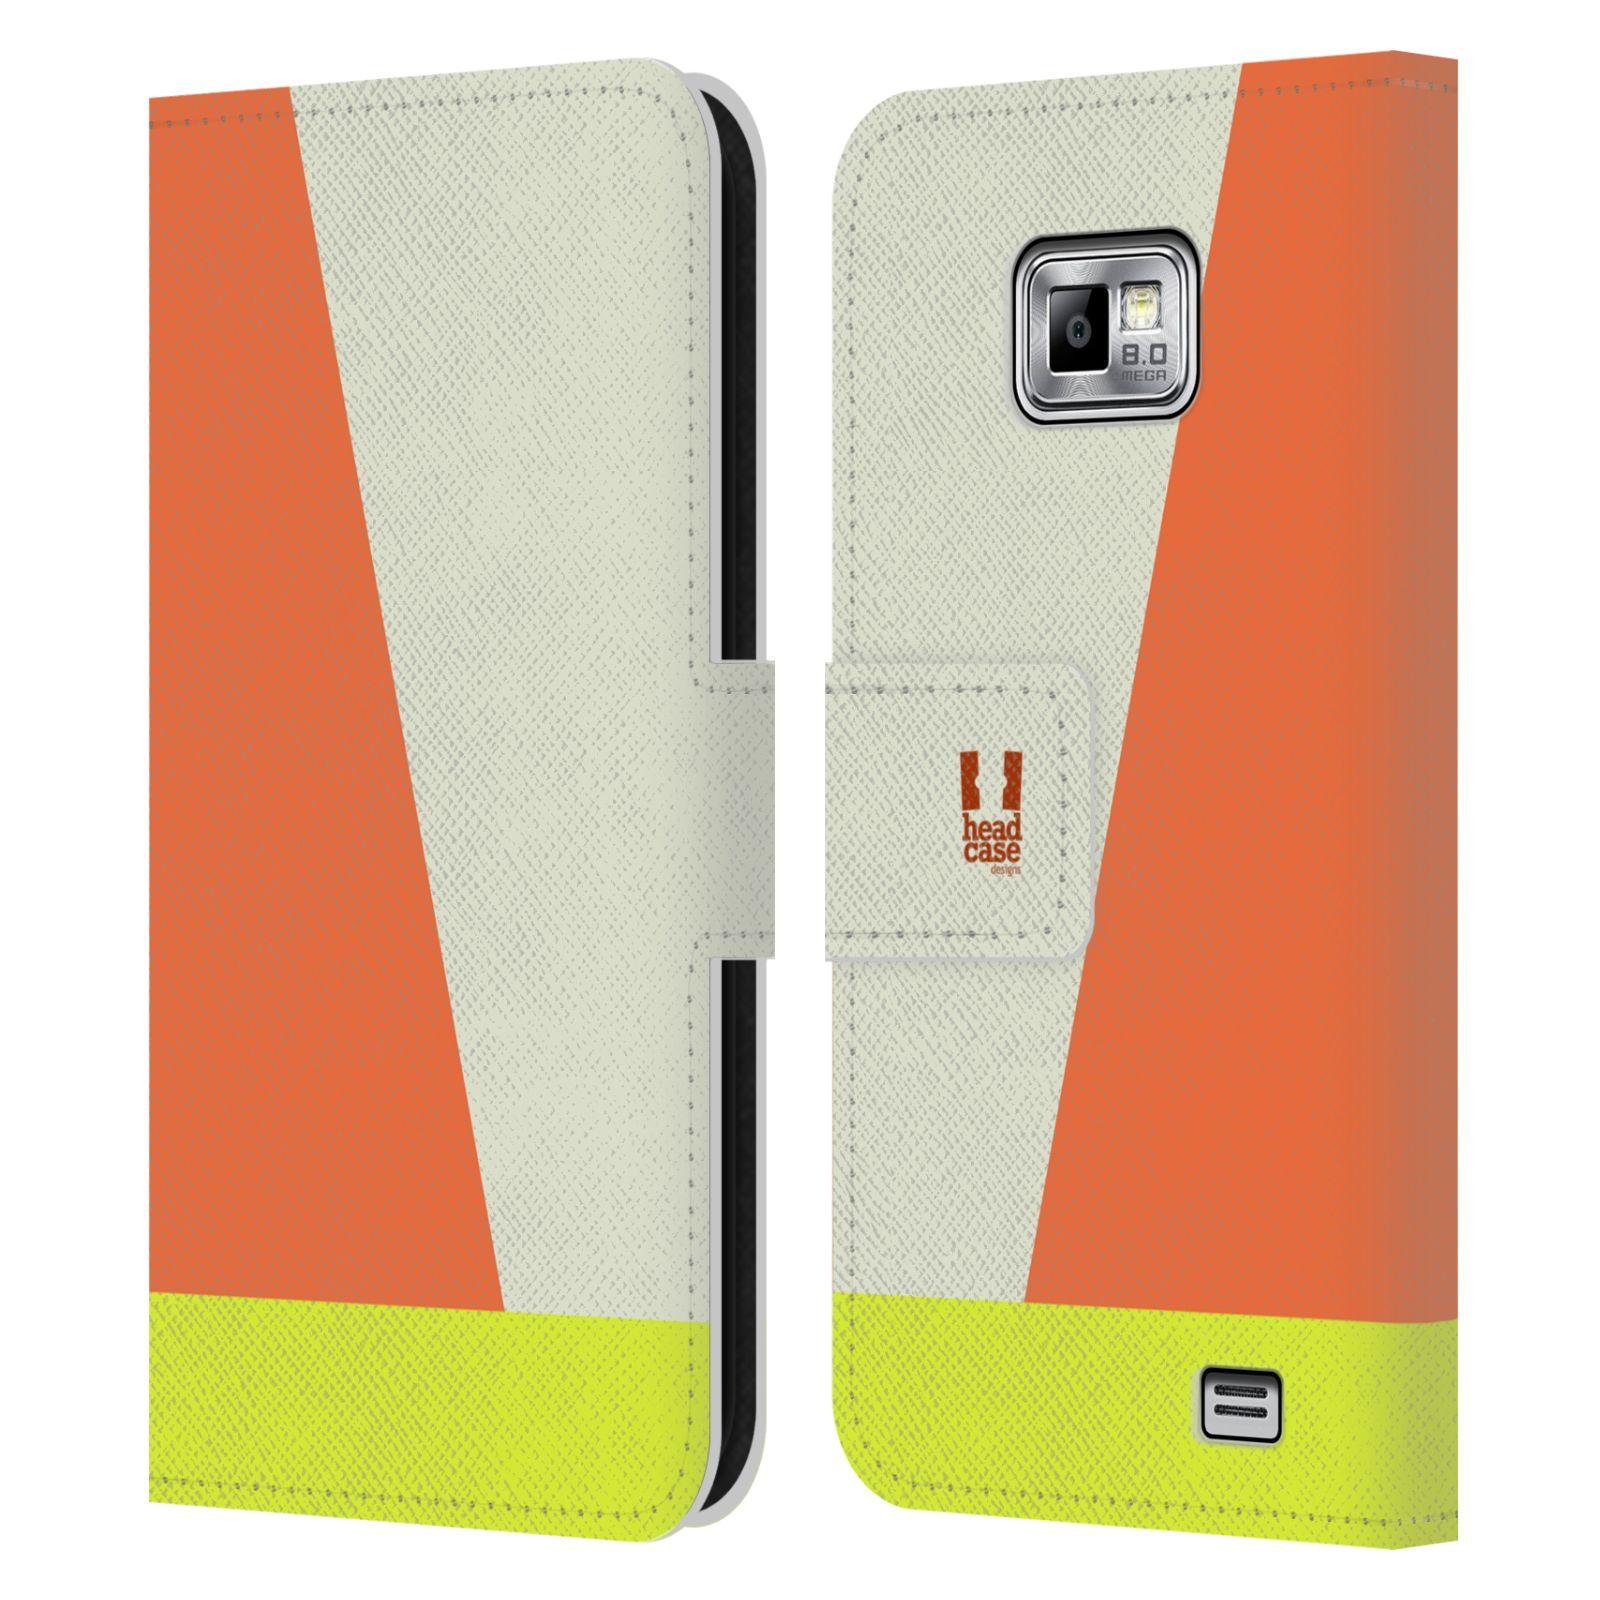 HEAD CASE Flipové pouzdro pro mobil Samsung Galaxy S2 i9100 barevné tvary slonová kost